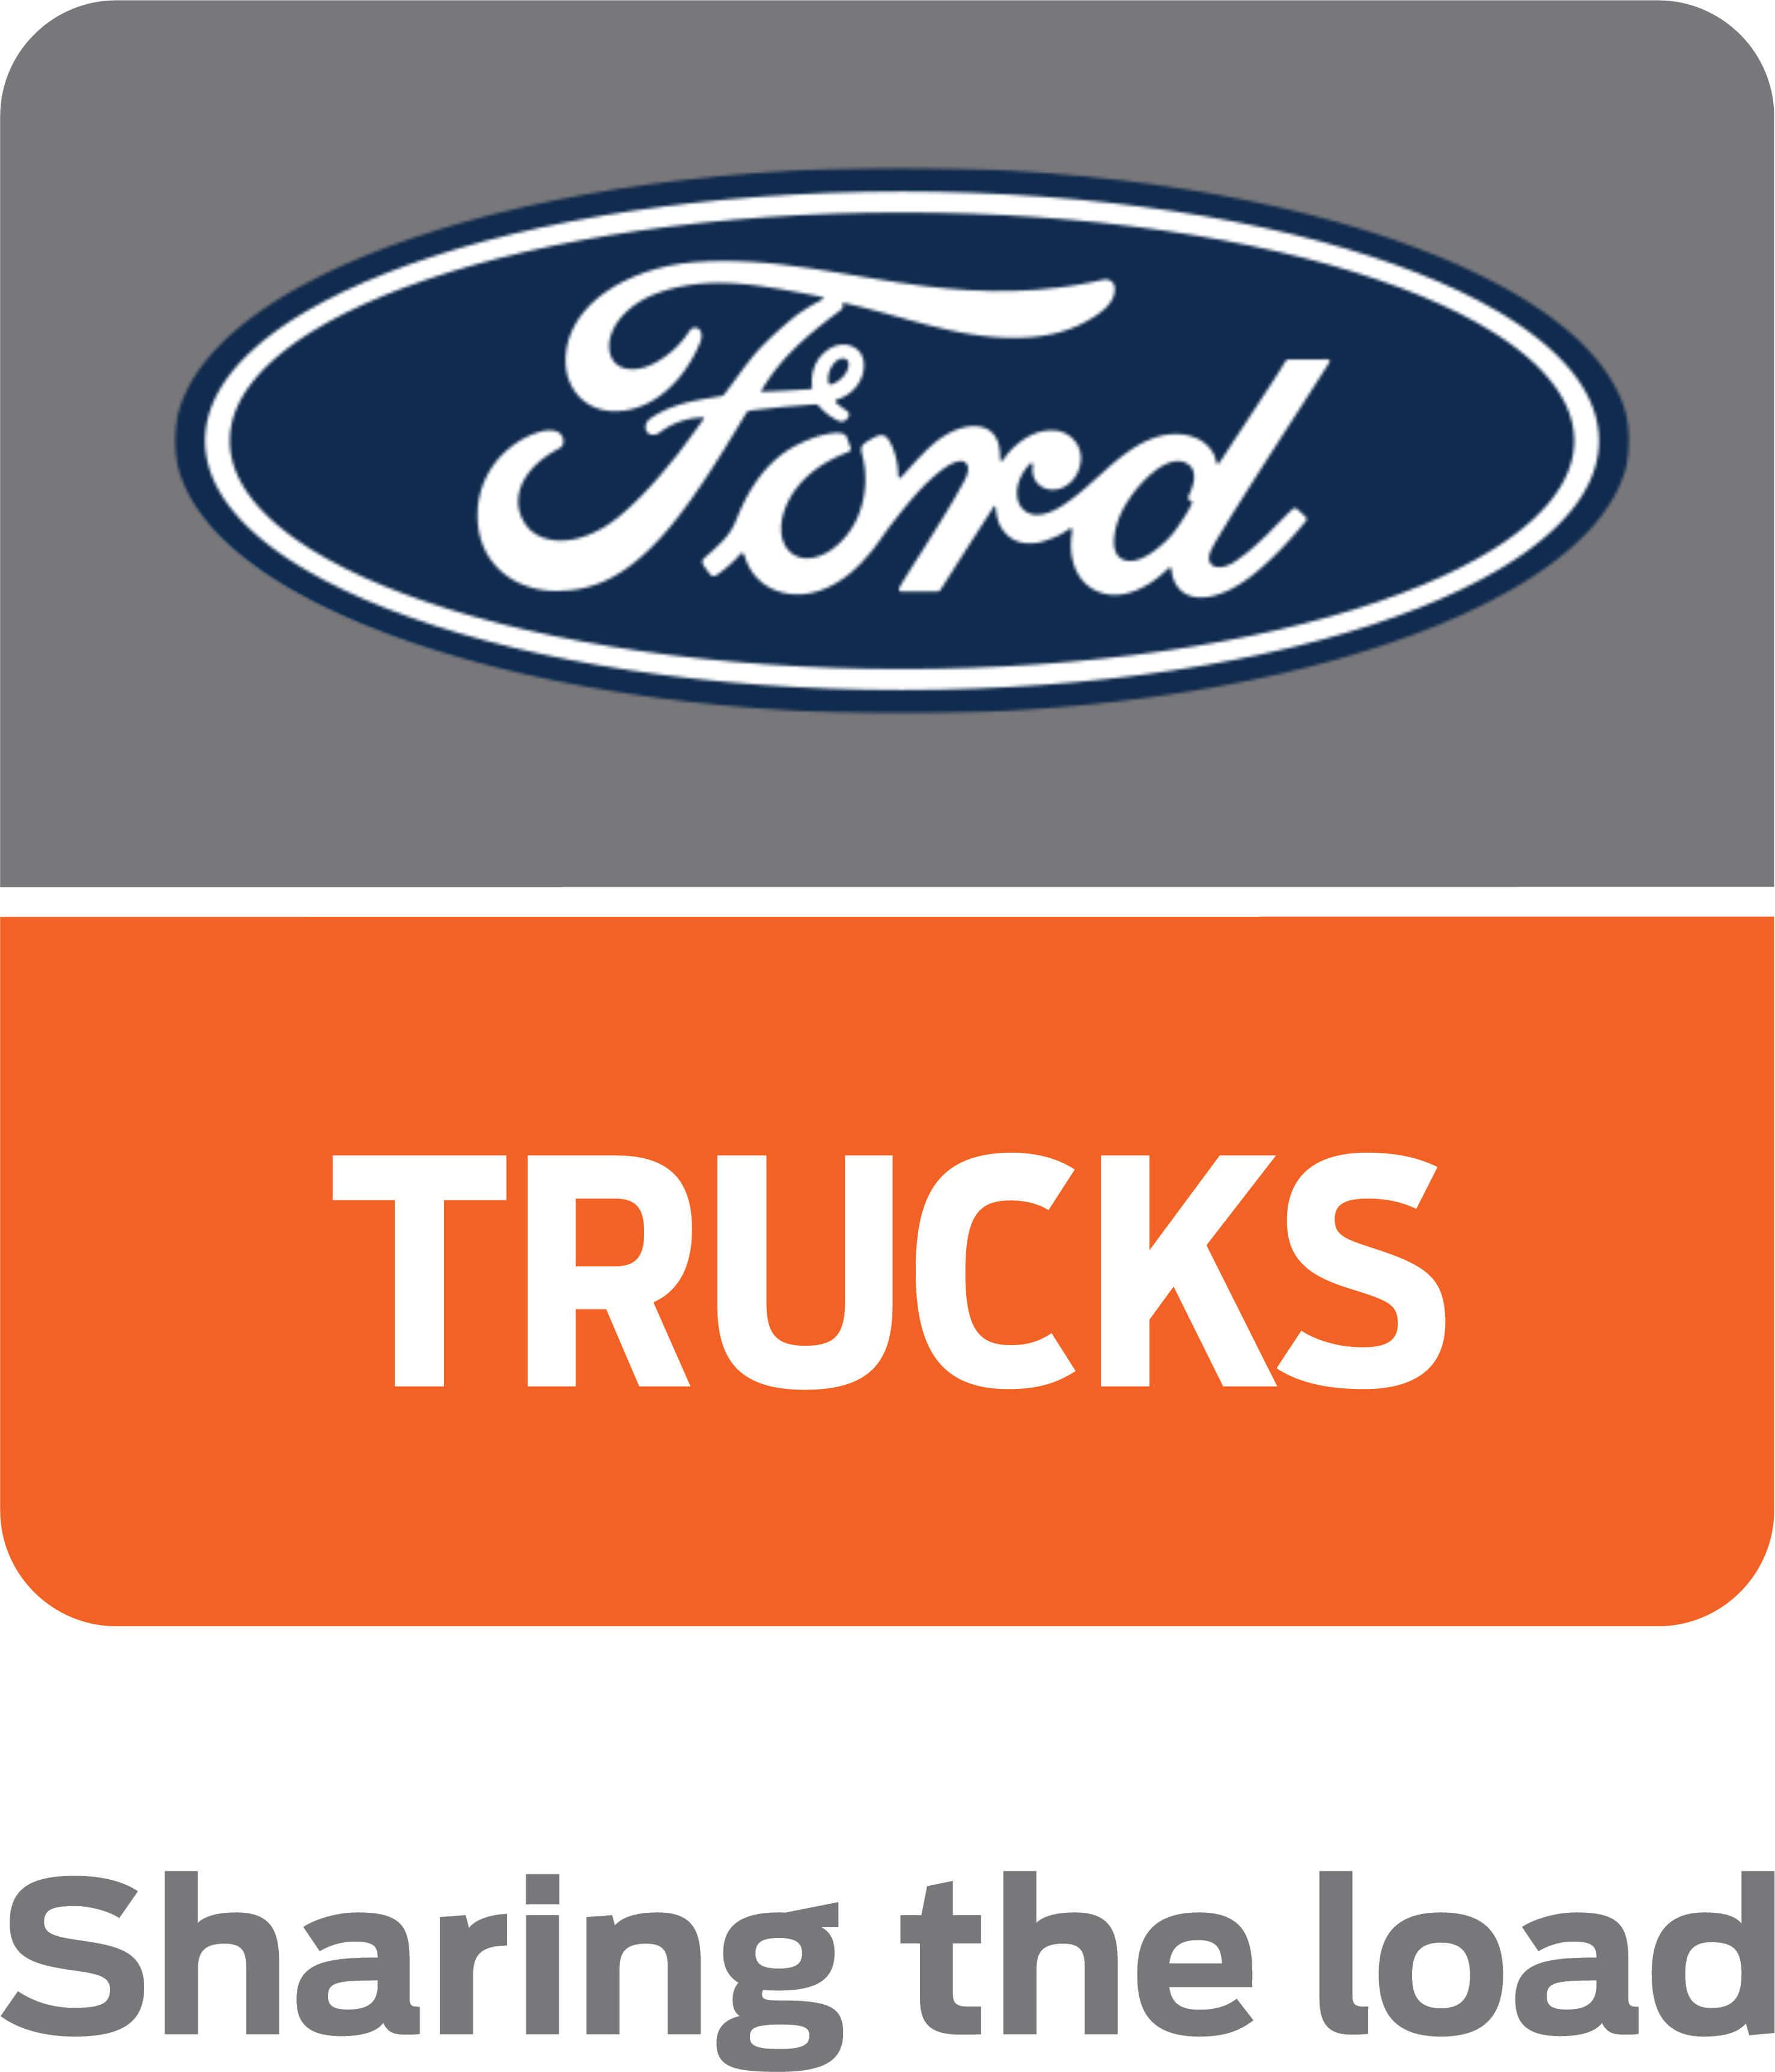 Garage Marc Vansteenland Ford Trucks Logo